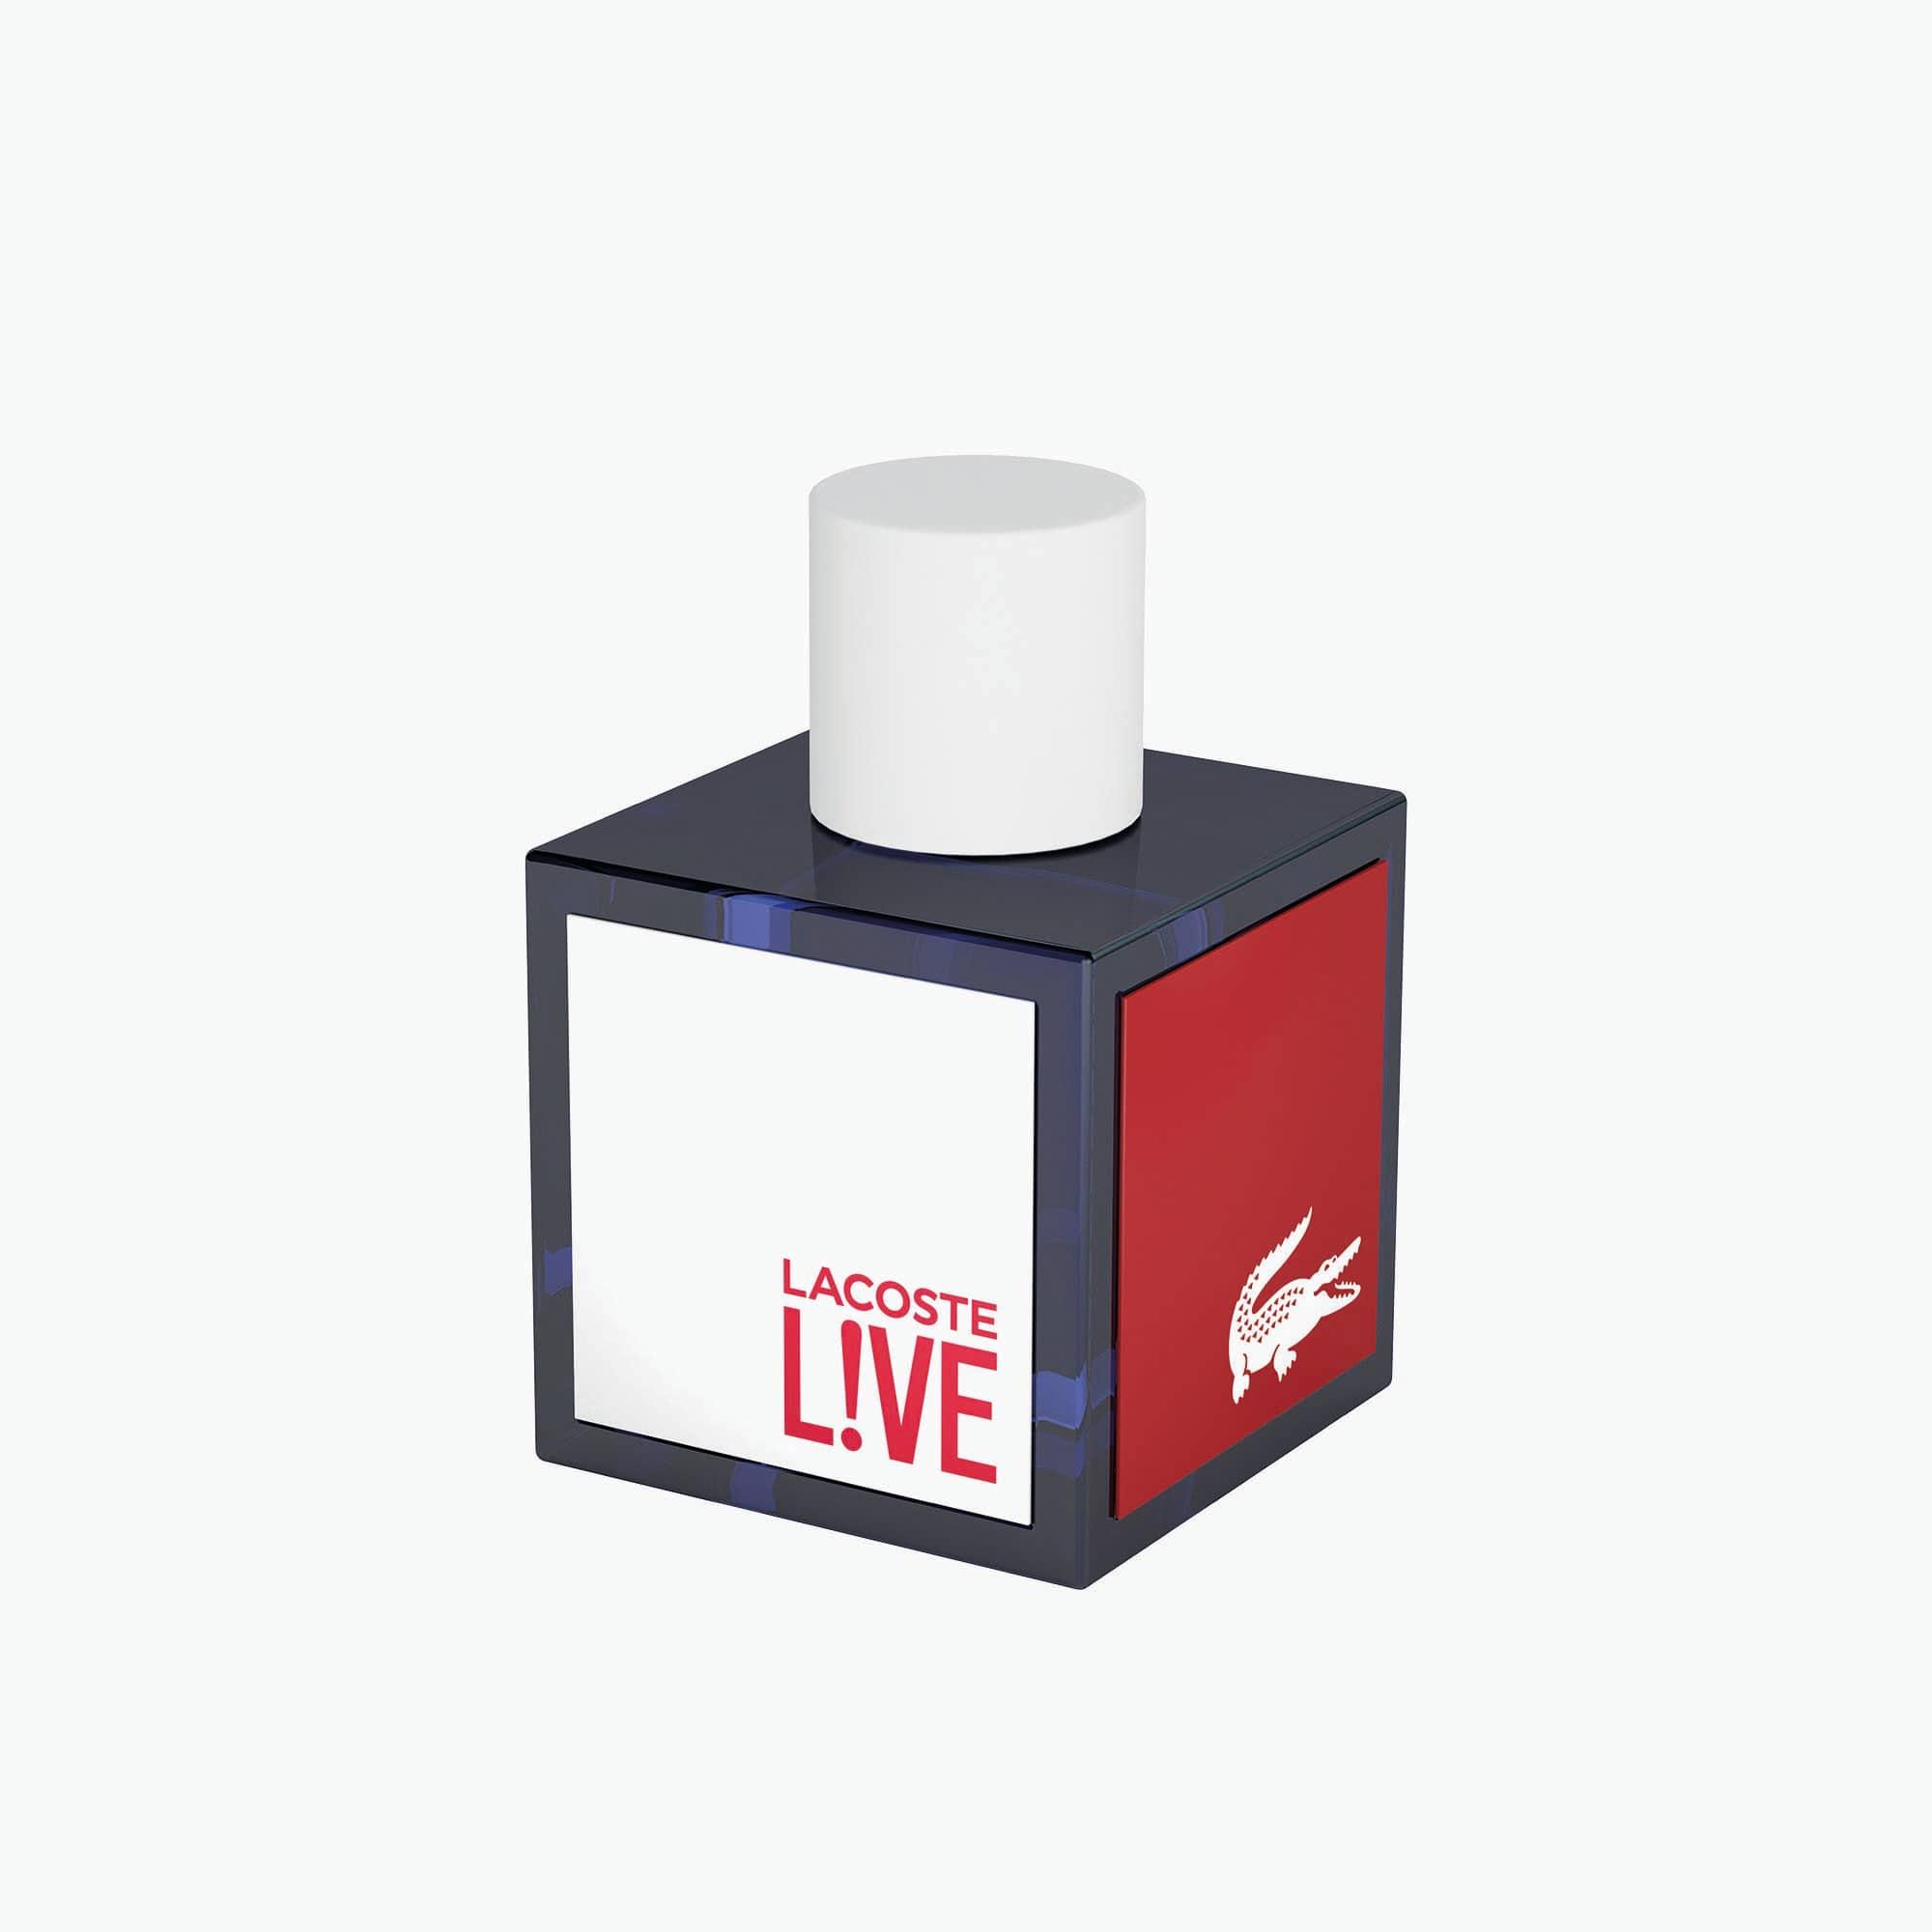 Lacoste LIVE Eau de Toilette 60 ml